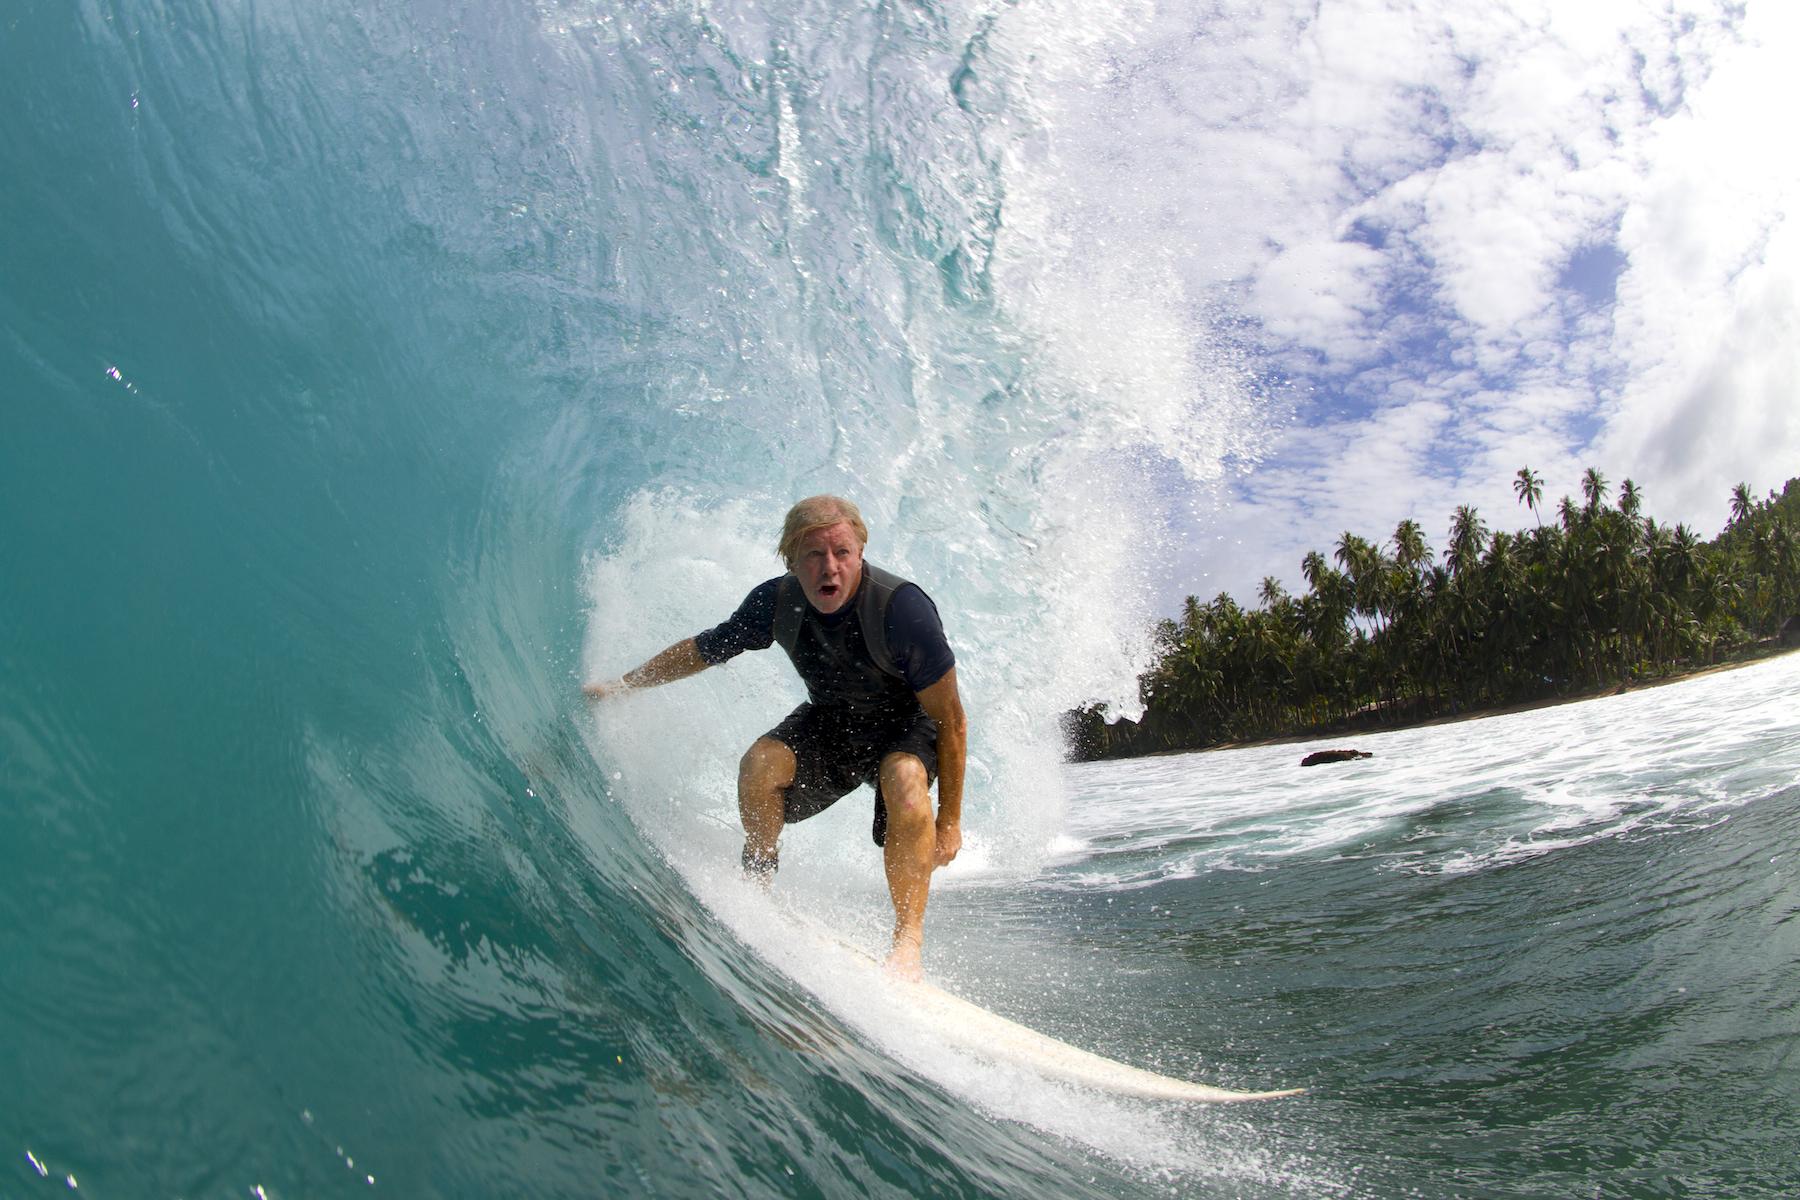 rabbit, surfing, resort latitude zero, rlz, Telo Islands, Rangas, Sumatra